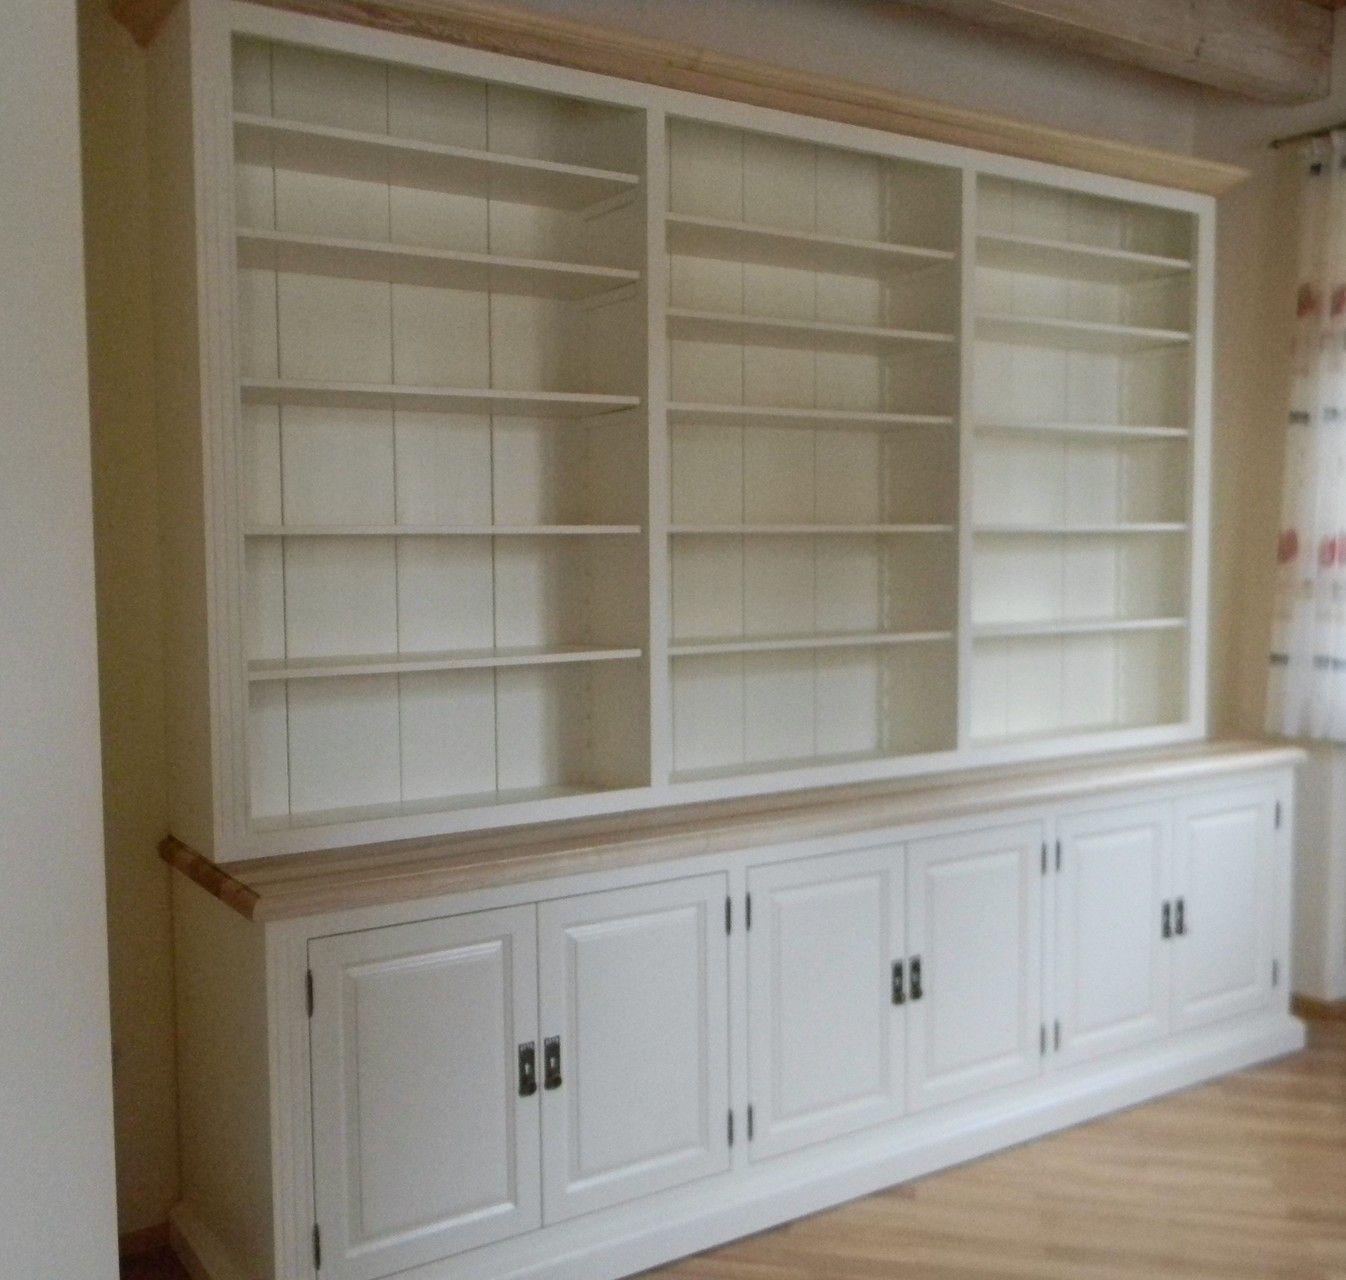 Bücherschrank weiß, Abdeckplatte und Gesimse in Ulme | Schreinerei ...